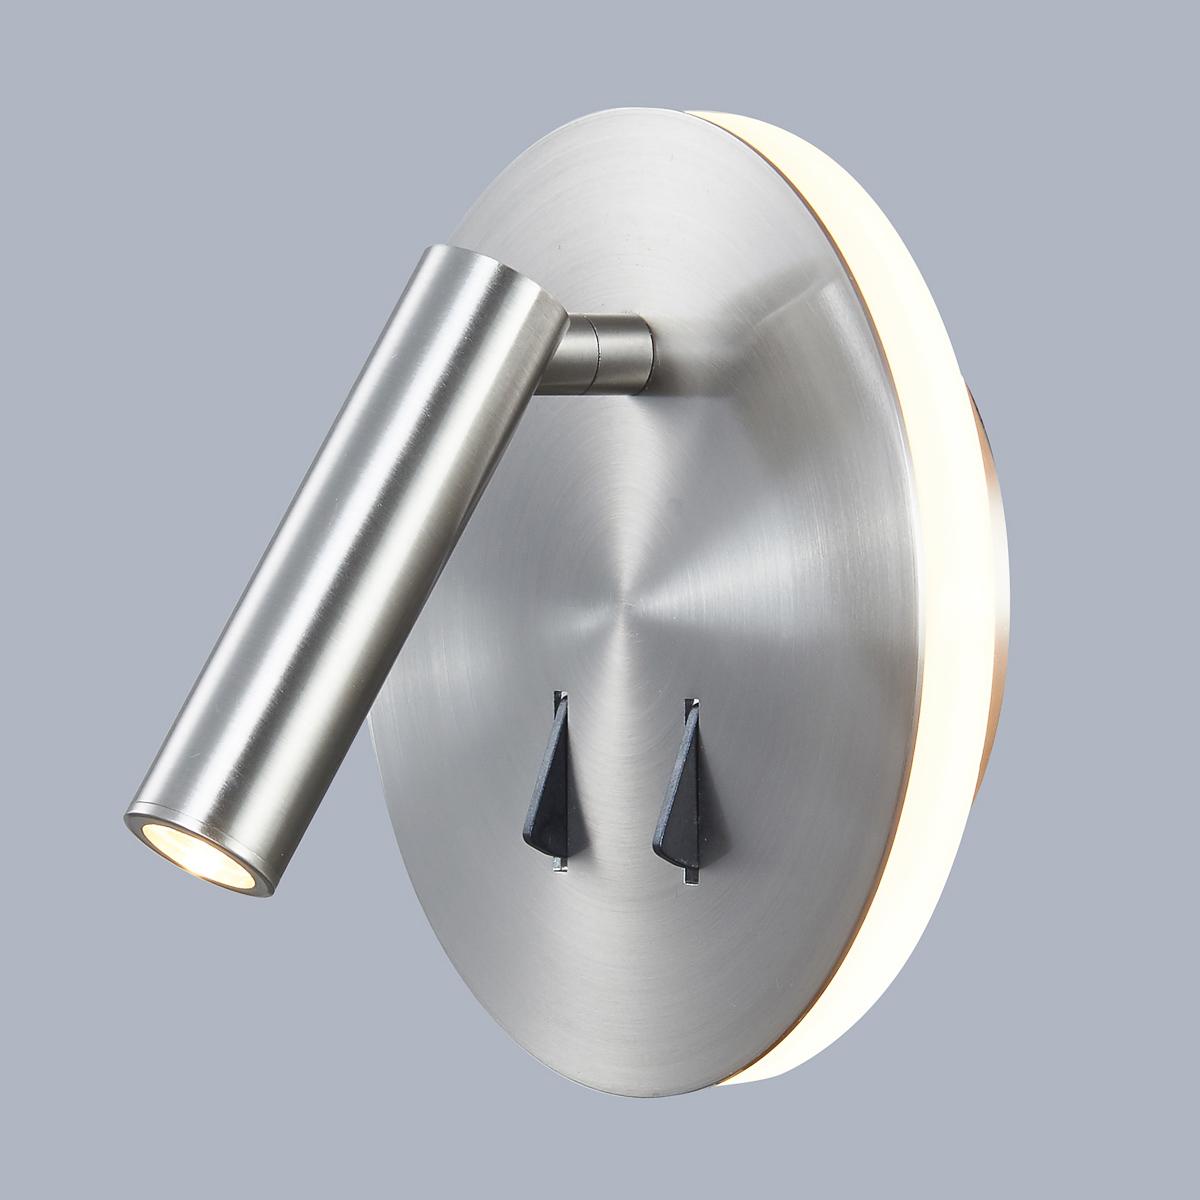 SP.7348-02A-S-NICK ITALUX Nemo moderní lampička 9W LED bílé světlo (3200K) IP20